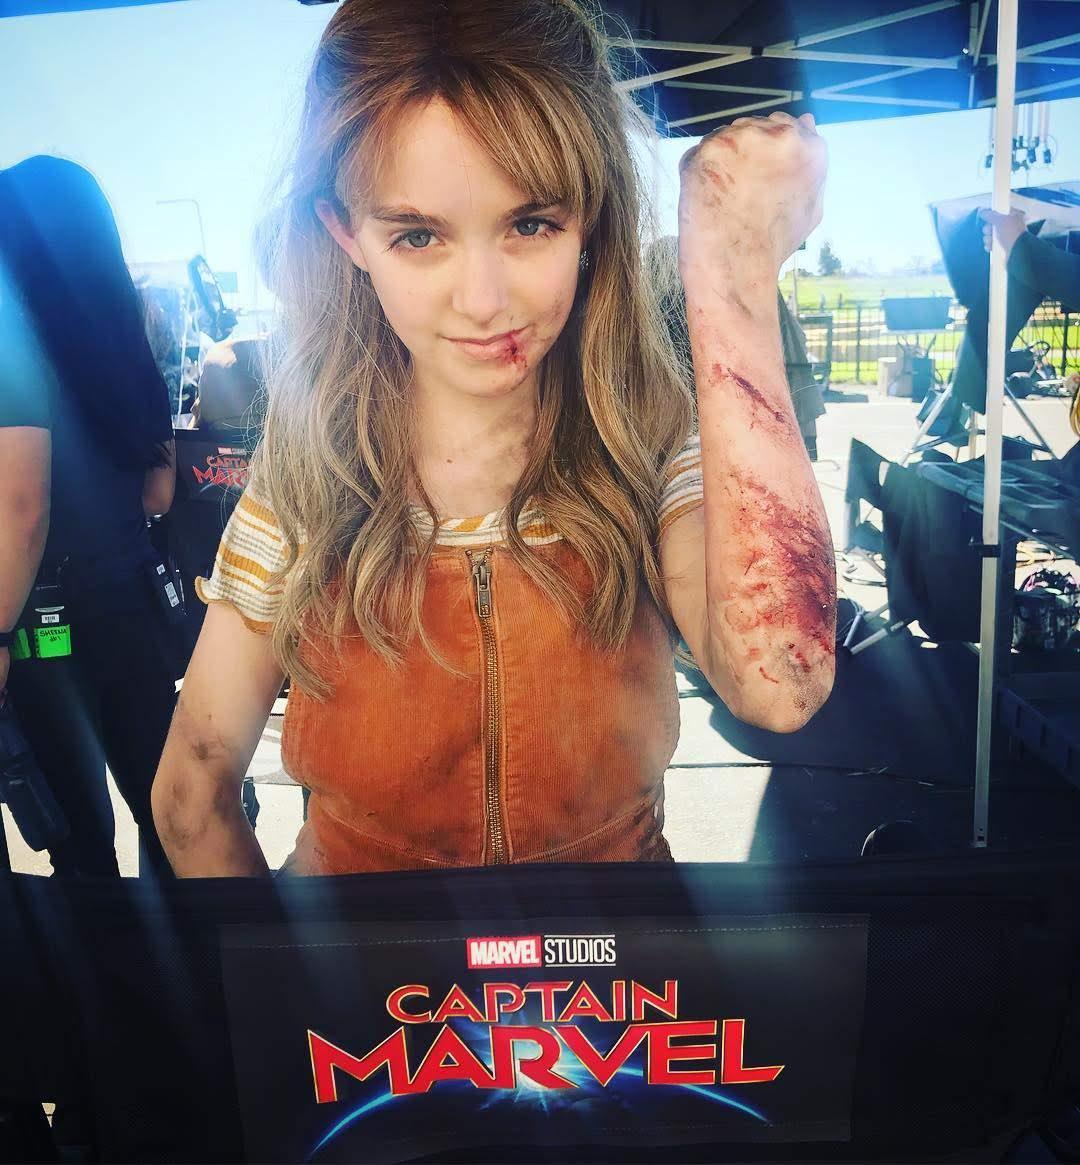 Mckenna Grace as Carol Danvers on the set of Captain Marvel : コミックヒーロー映画史上2番めの封切り大ヒットとして、「アベンジャーズ : インフィニティ・ウォー」に次ぐ、巨額を叩き出した「キャプテン・マーベル」のリトル・キャプテンのマッケンナ・グレースちゃん ! !